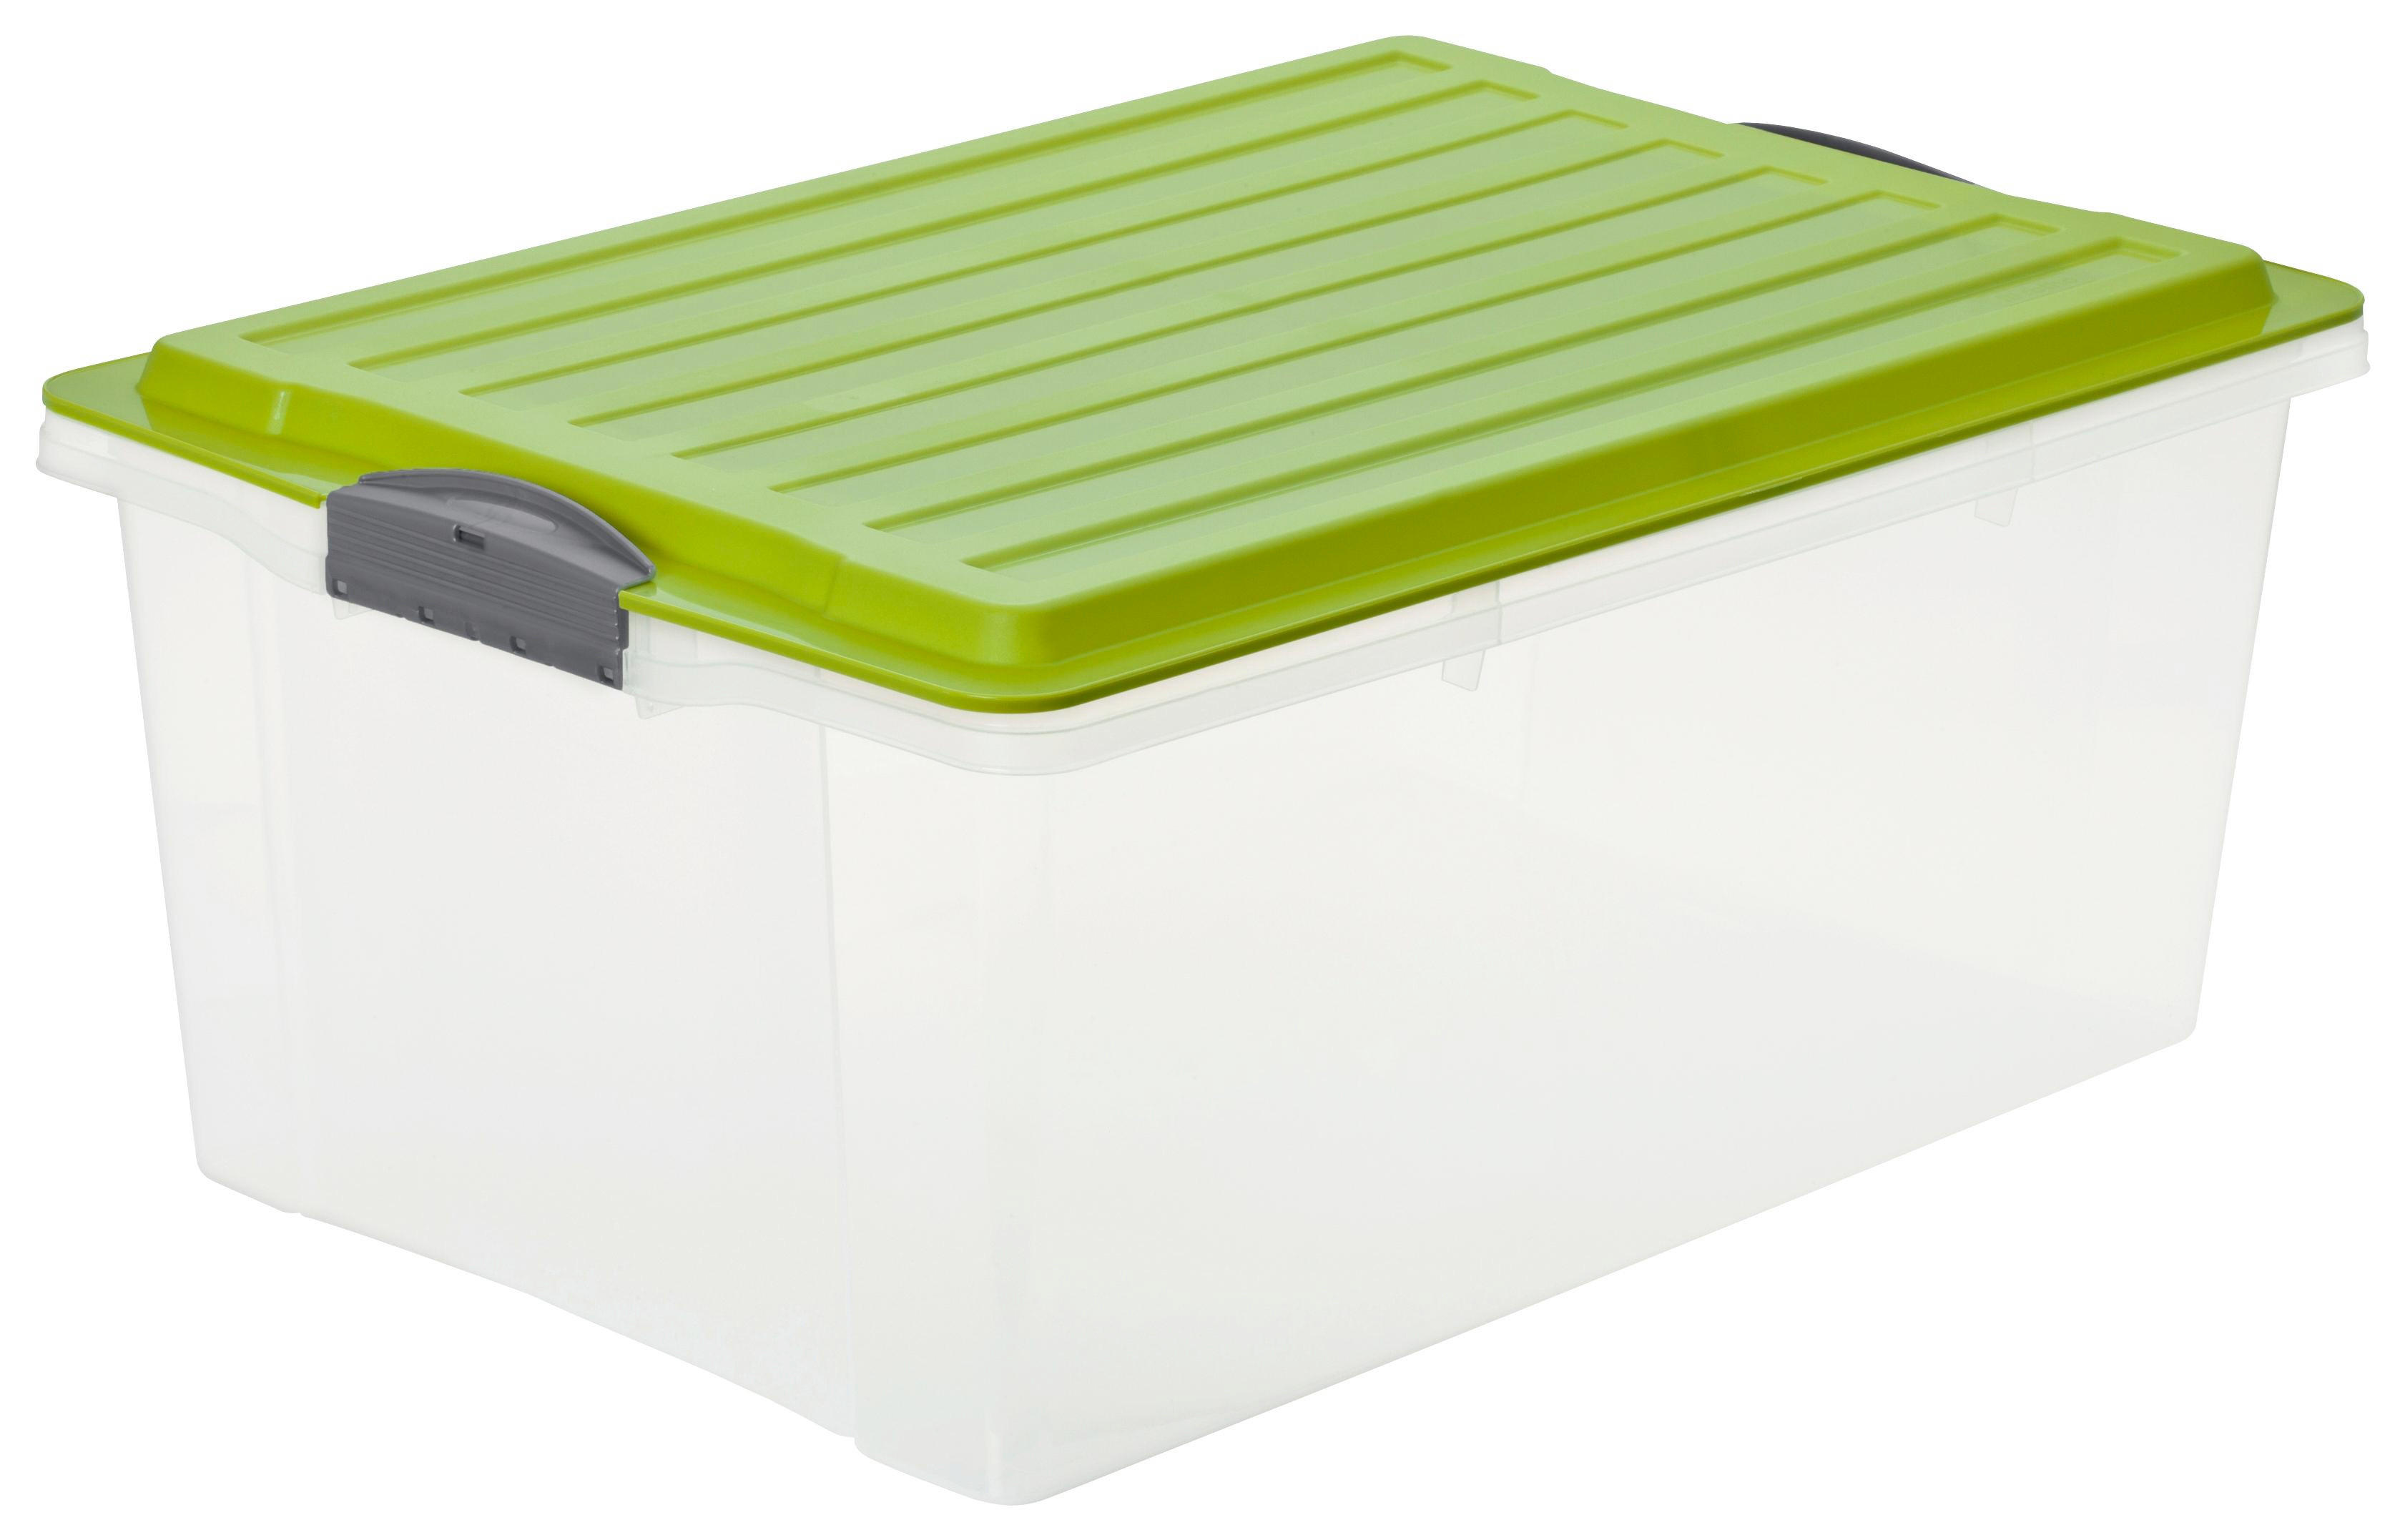 BOX MIT DECKEL - Klar/Grün, KONVENTIONELL, Kunststoff (40/25/57cm) - ROTHO